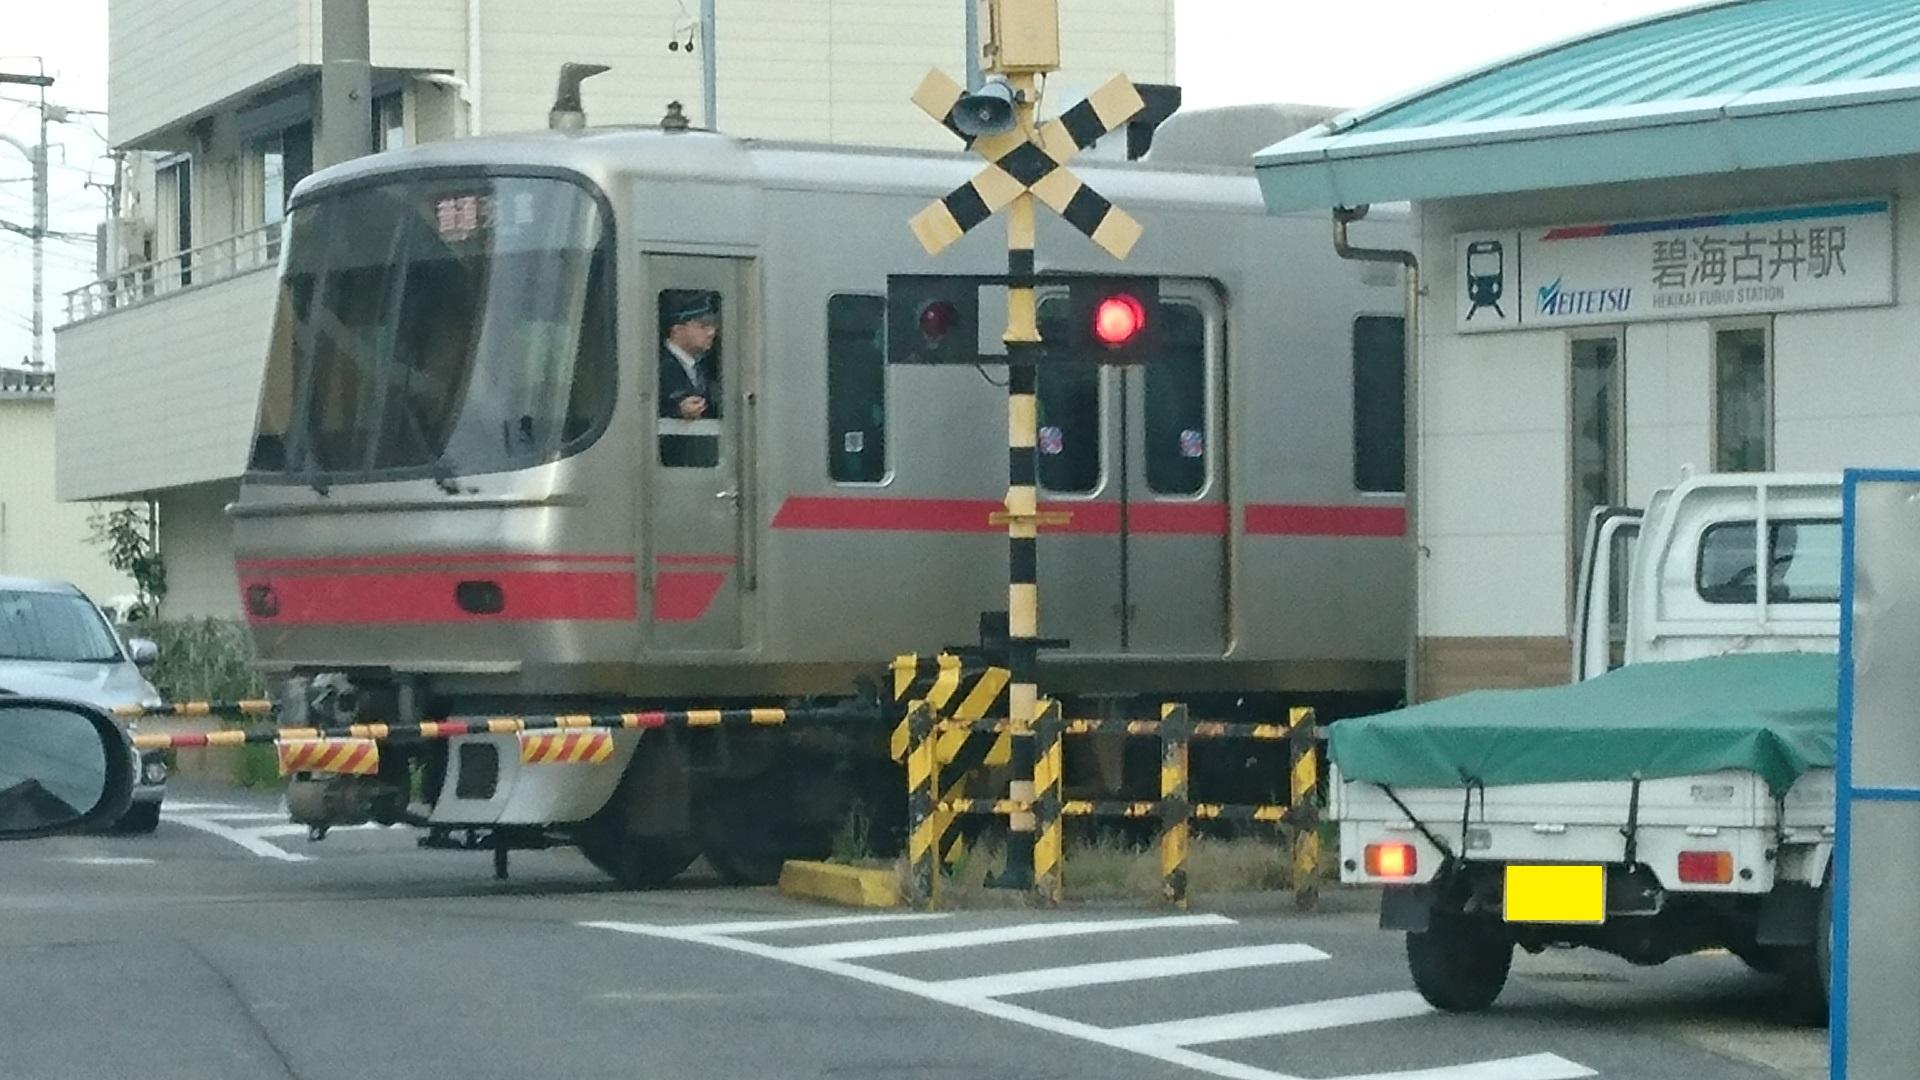 2016.11.10 古井 - 弥富いきふつう